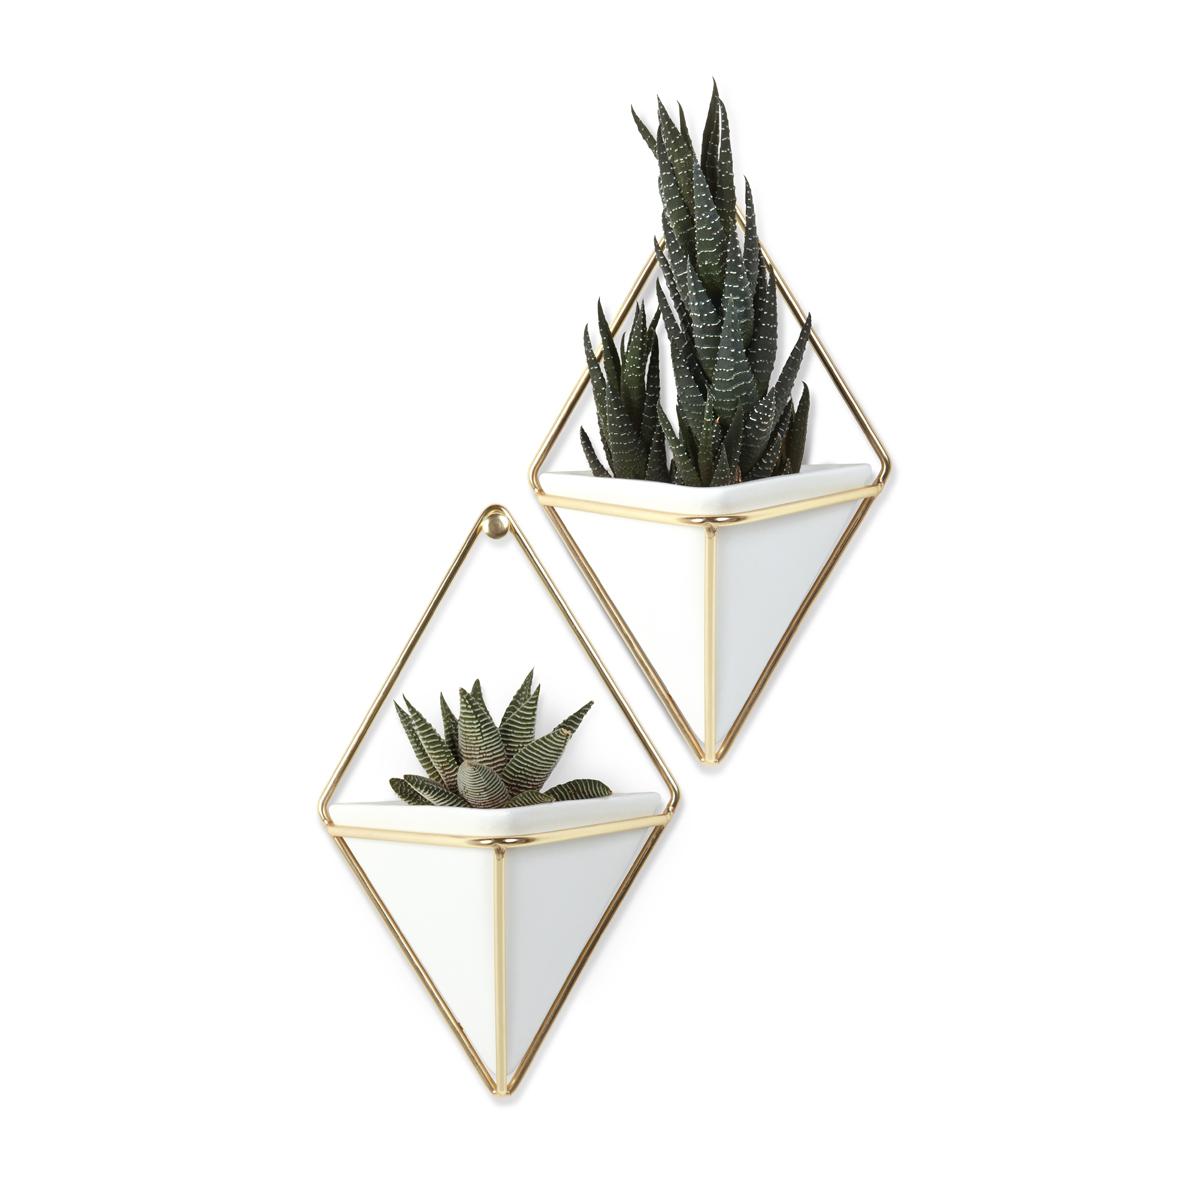 Декоративное украшение Umbra Trigg, настенное, цвет: белый, 2 шт470753-524Строгие геометрические формы не ограничивают воображение, а наоборот, вдохновляют на творчество и создание неповторимых интерьеров. Такой просто и такой эффектный декор сочетает в себе красоту и функциональность: в керамический треугольник можно поместить разные канцелярские мелочи, косметические принадлежности - можно даже использовать его как кашпо!Он вешается на любой гвоздик или вешалку и отлично сочетается с другими декорами, картинами и постерами.В комплекте 2 украшения.